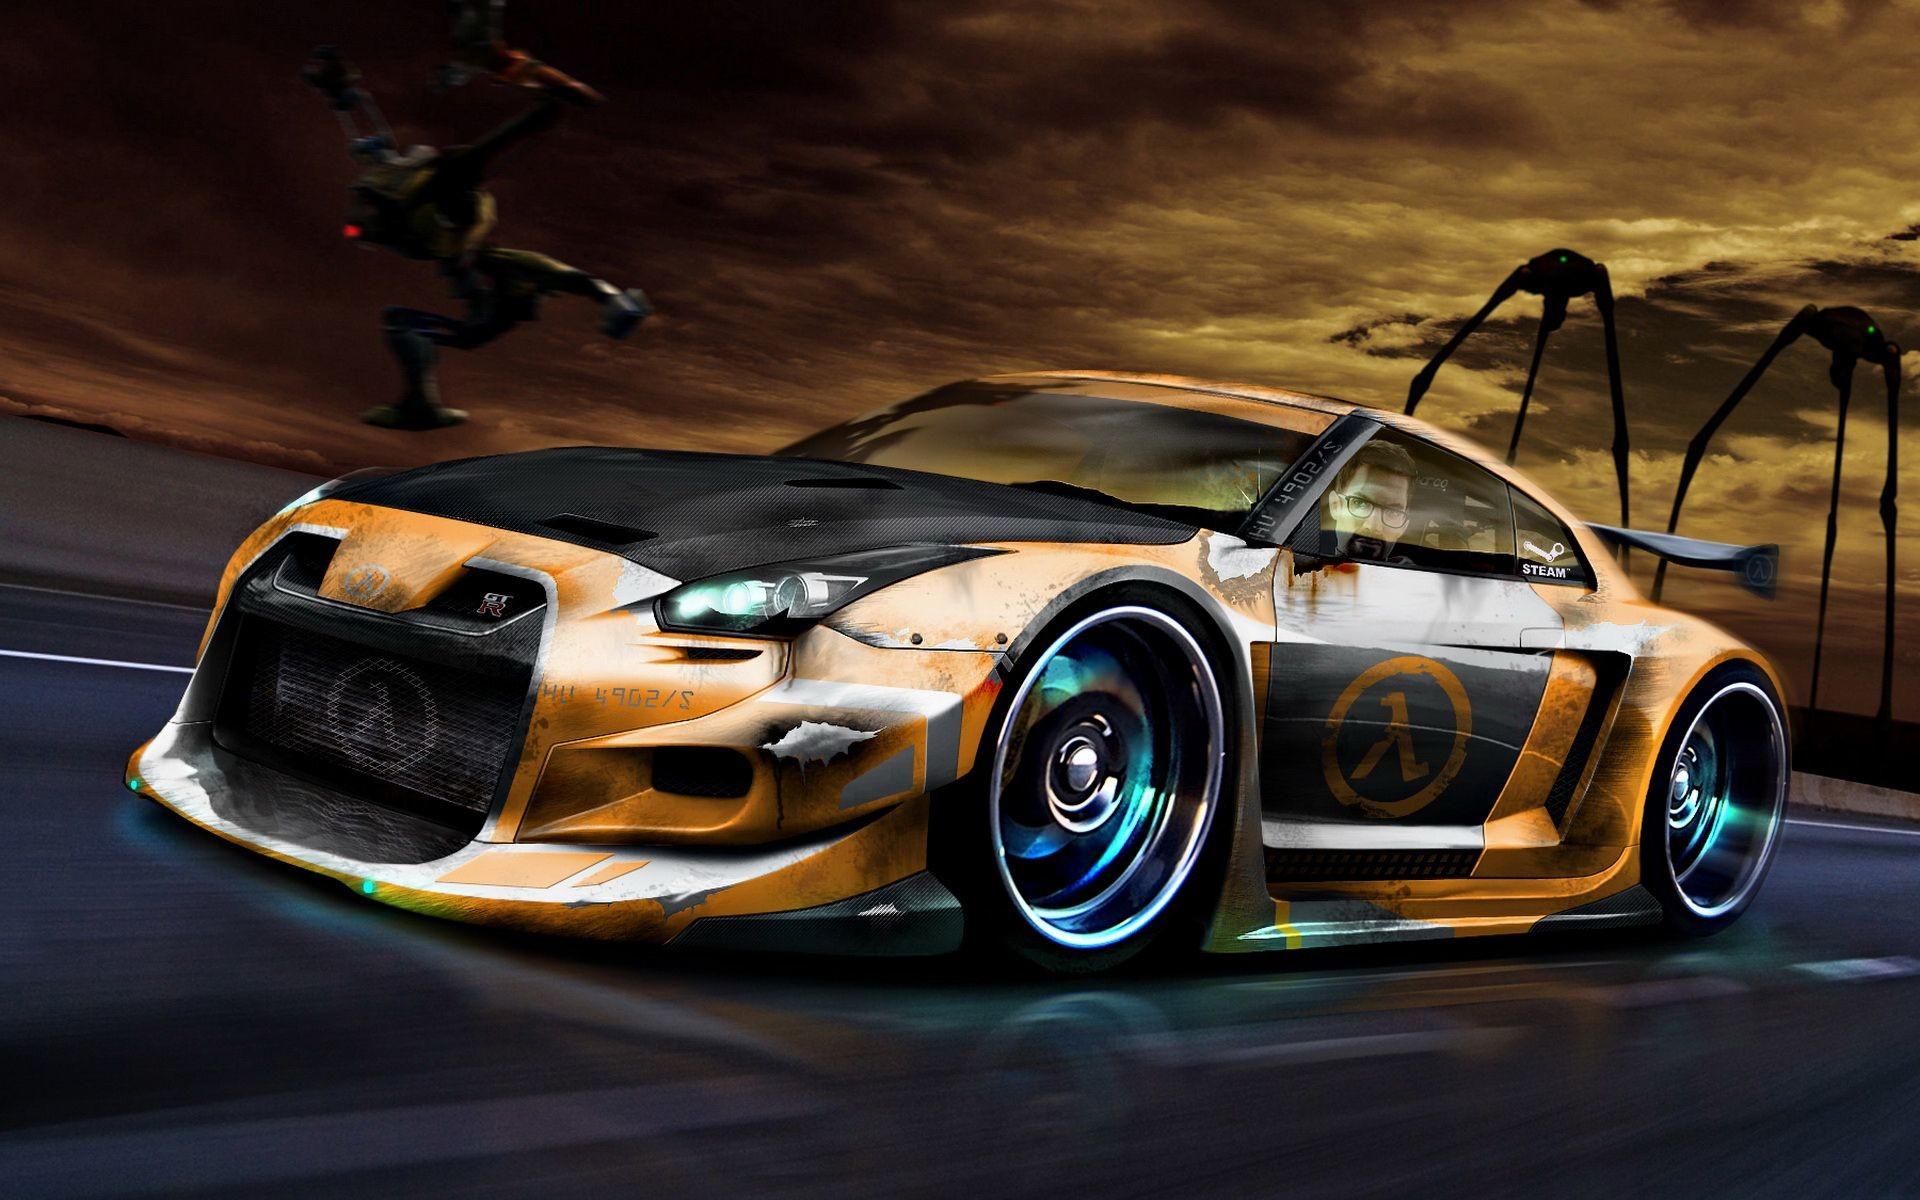 Res: 1920x1200, street racing car pics | Cool sports car wallpaper Auto desktop background